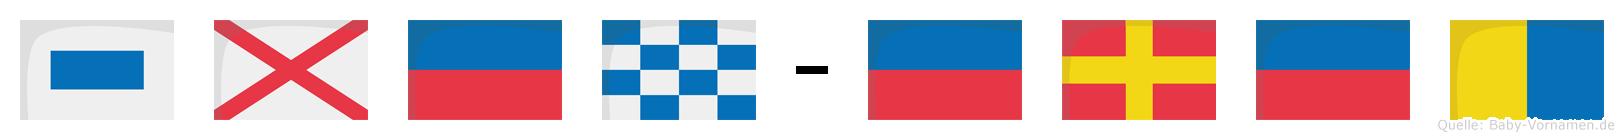 Sven-Erek im Flaggenalphabet